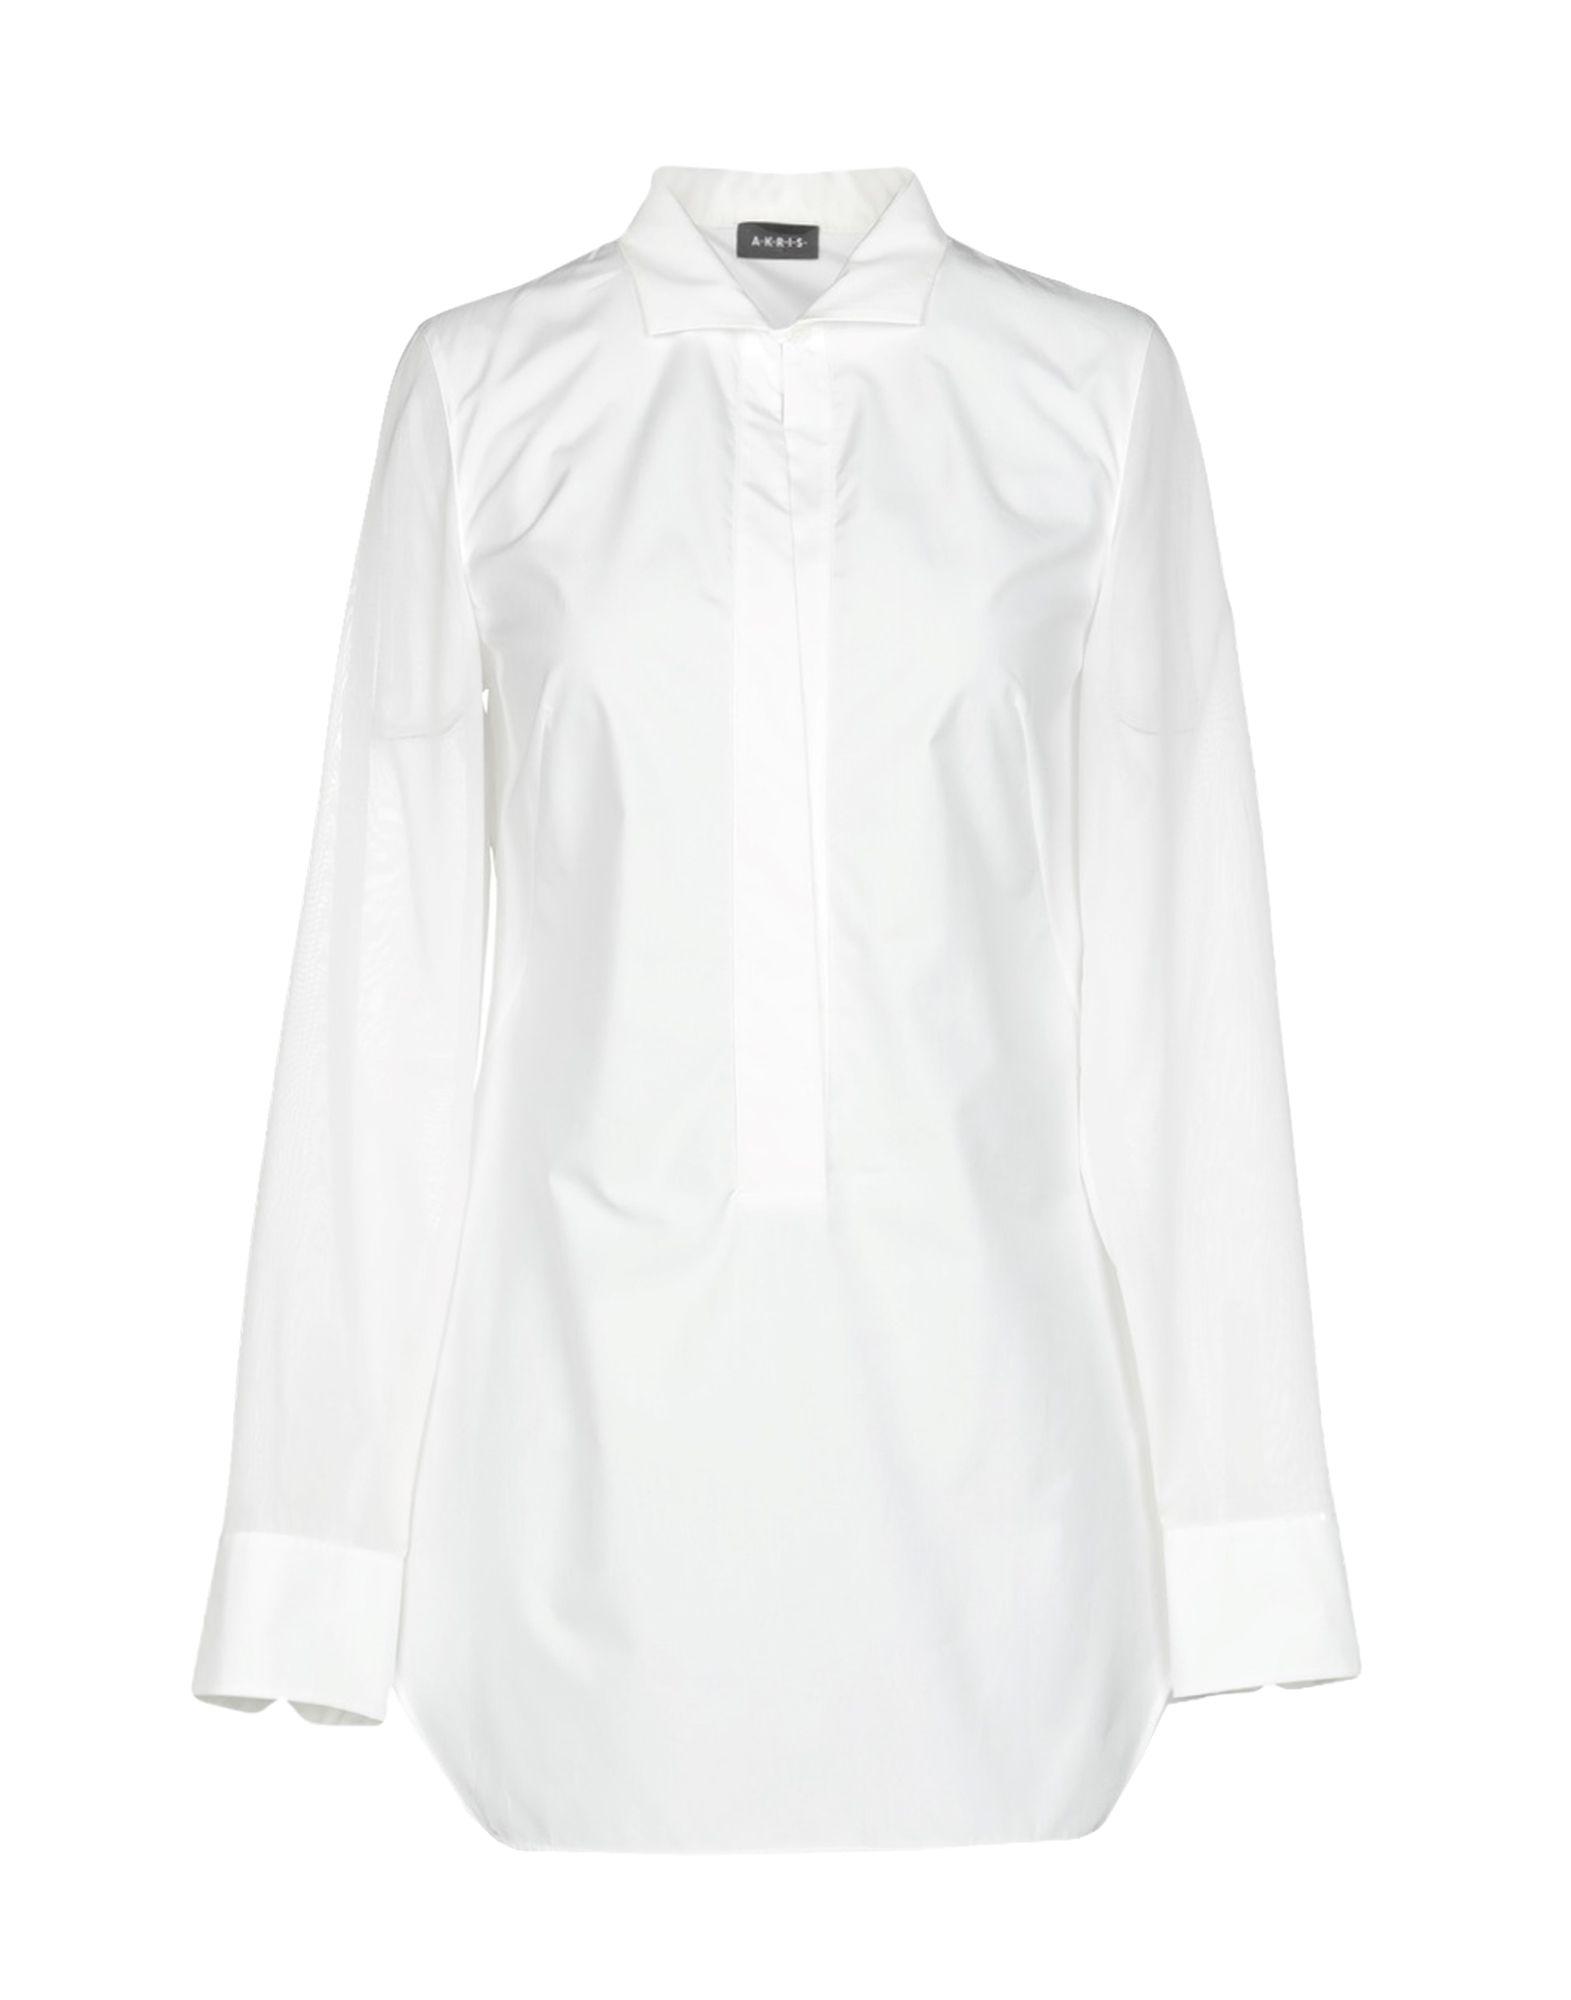 《送料無料》AKRIS レディース シャツ ホワイト 36 コットン 100%